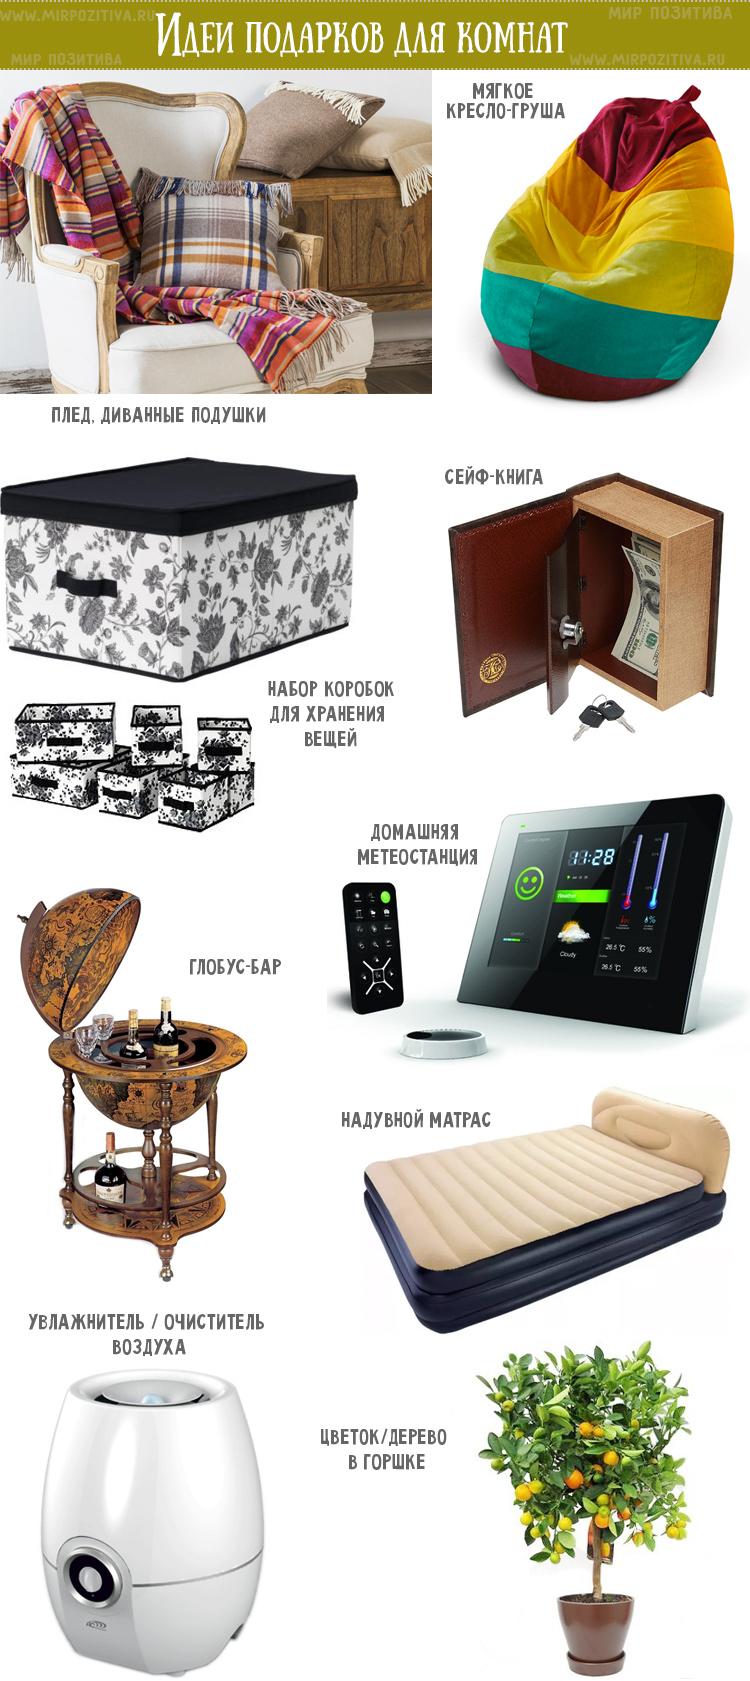 идеи подарков для комнат